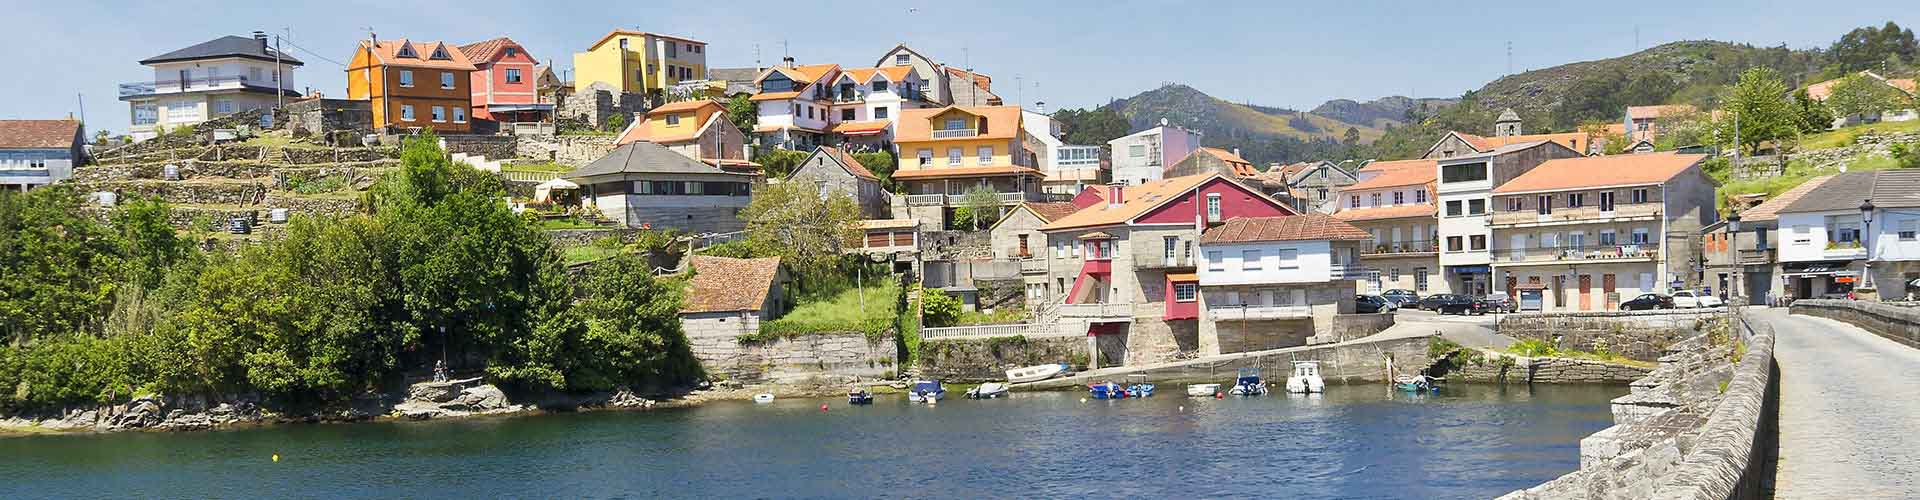 Vigo - Chambres à Vigo. Cartes pour Vigo, photos et commentaires pour chaque chambre à Vigo.